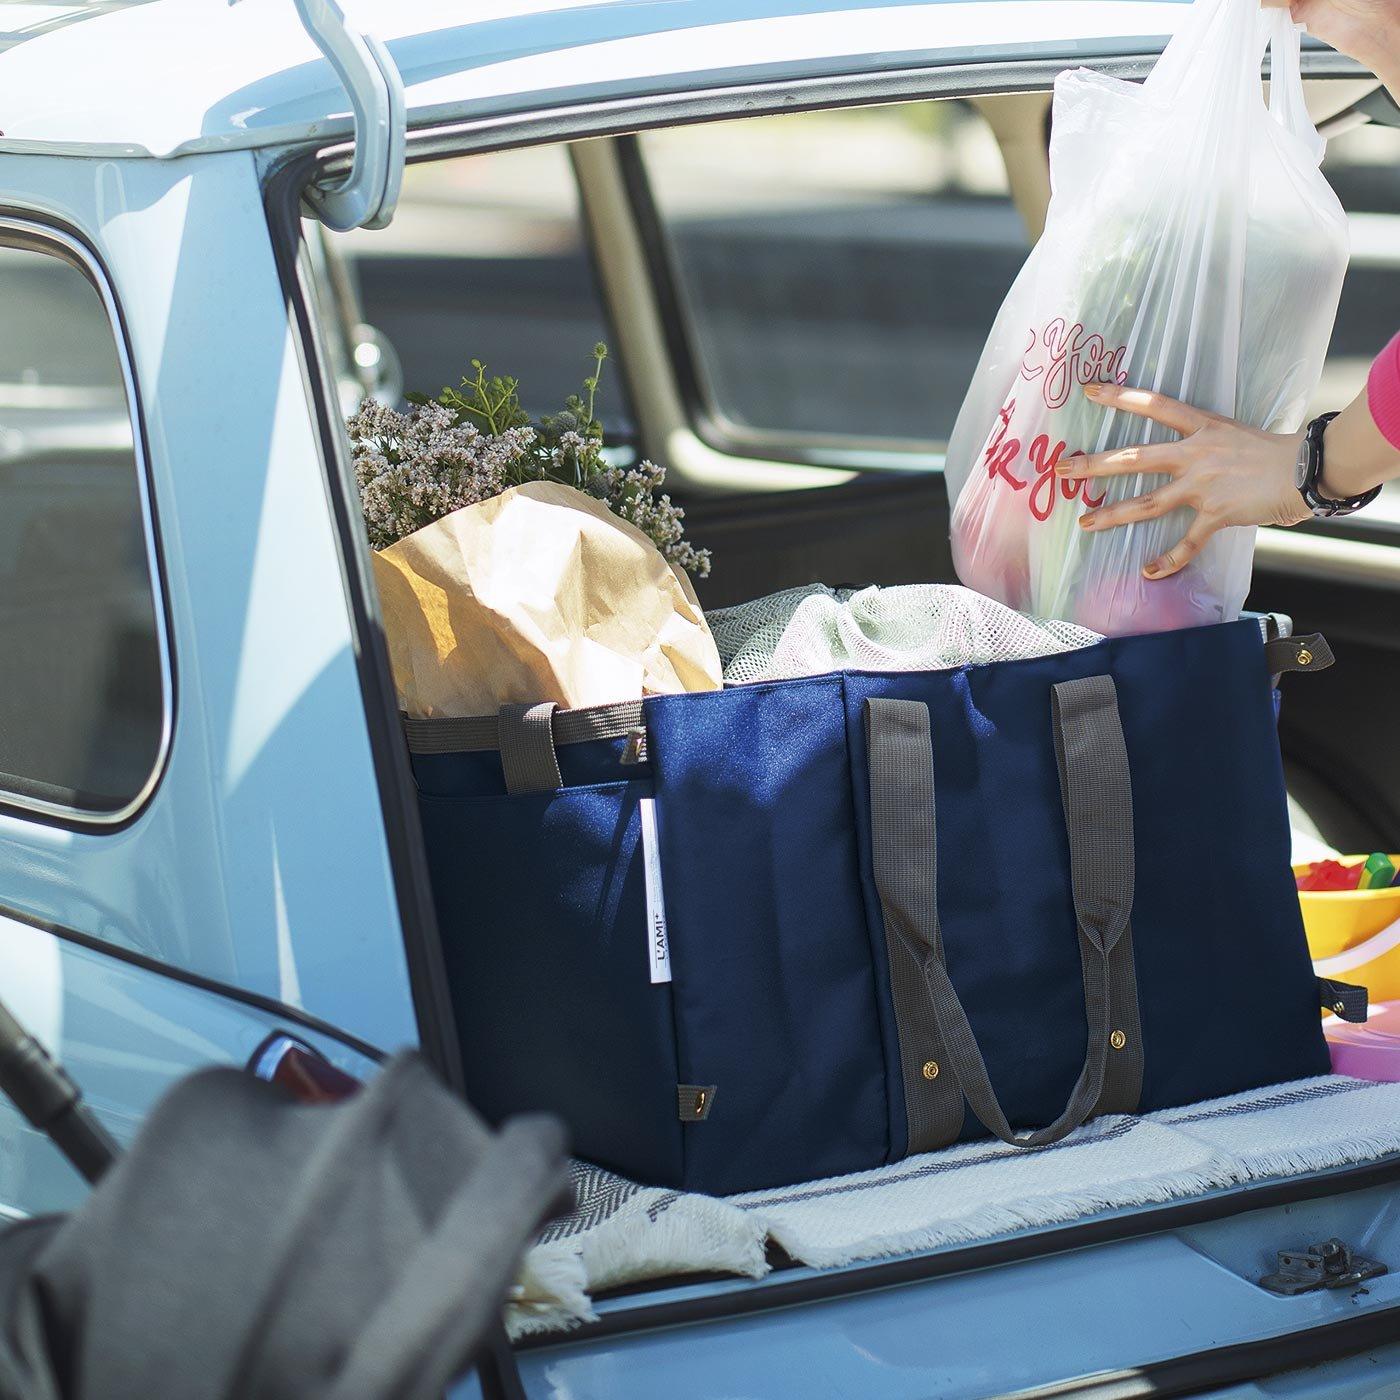 大量の荷物を一気に運べる ググンと広がるビッグバッグの会